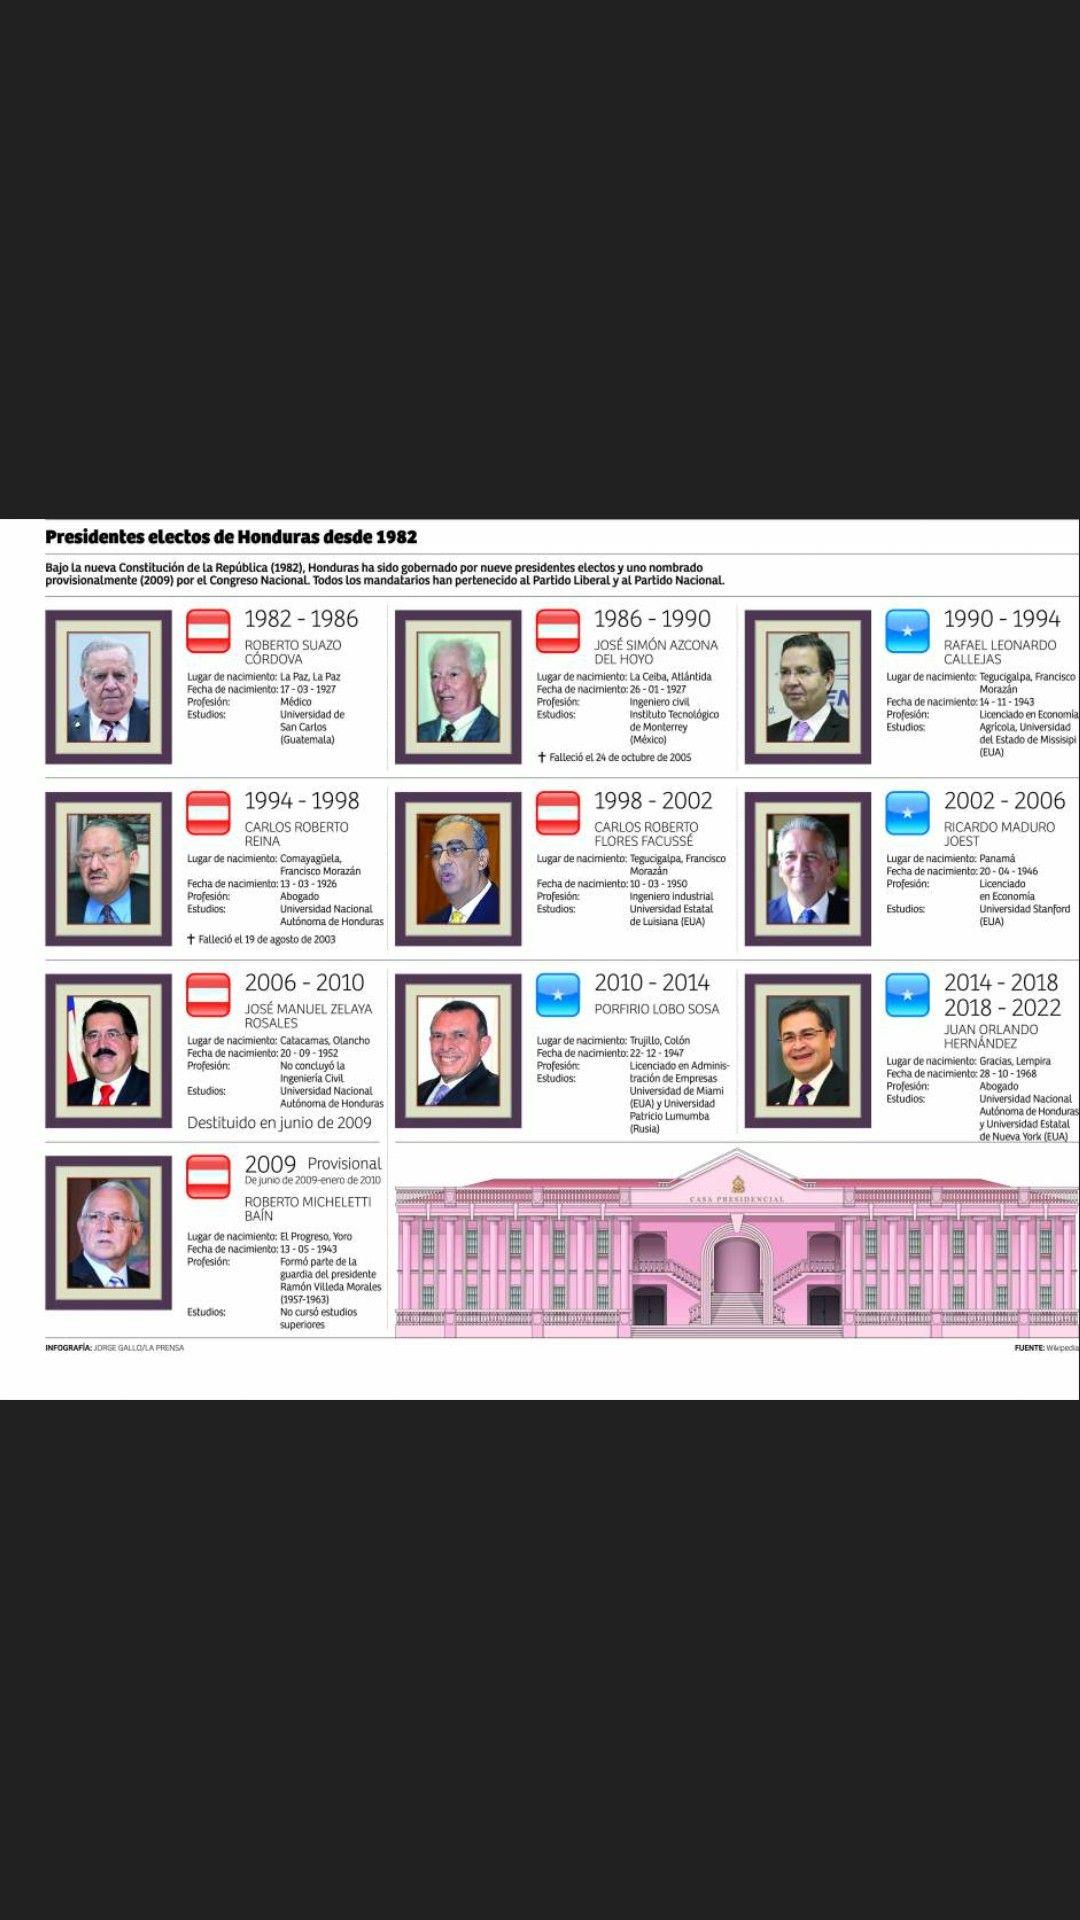 Presidentes De Honduras Desde 1982 History Games